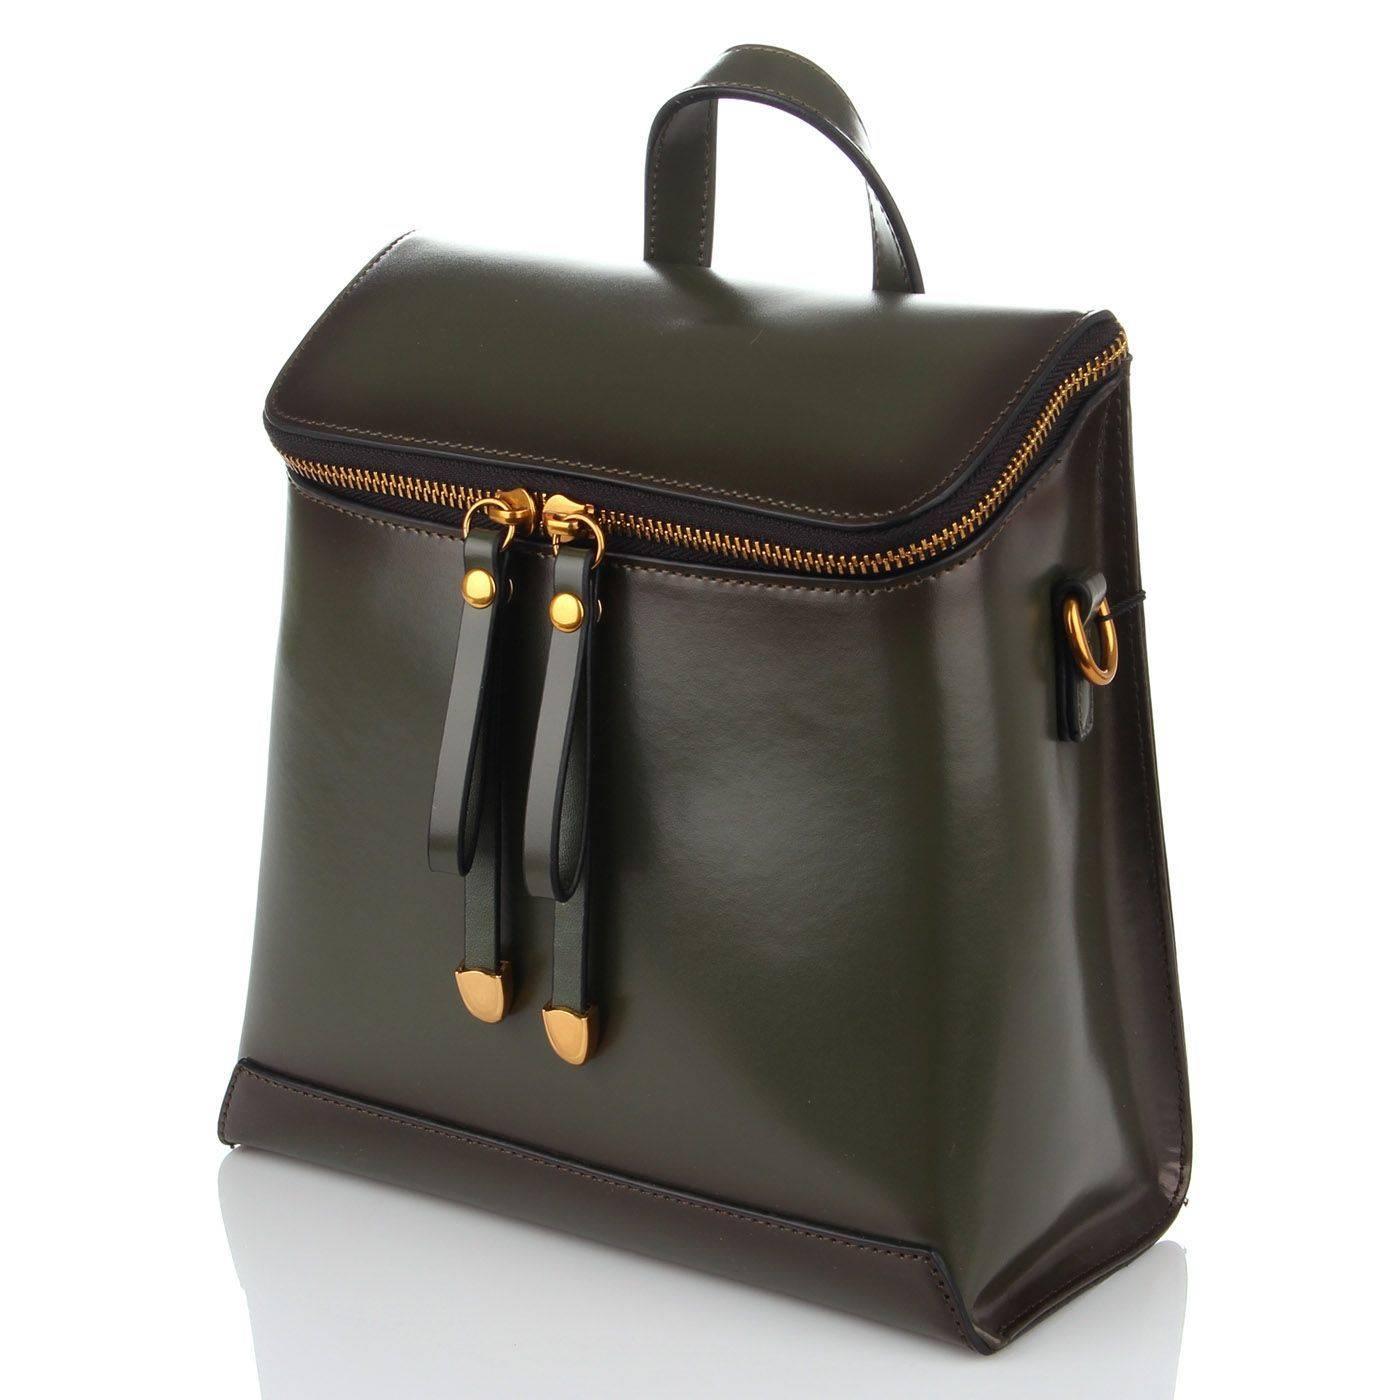 2b0d928212d8 Сумка-рюкзак женский Basconi 5131 Зеленый купить по выгодной цене в ...